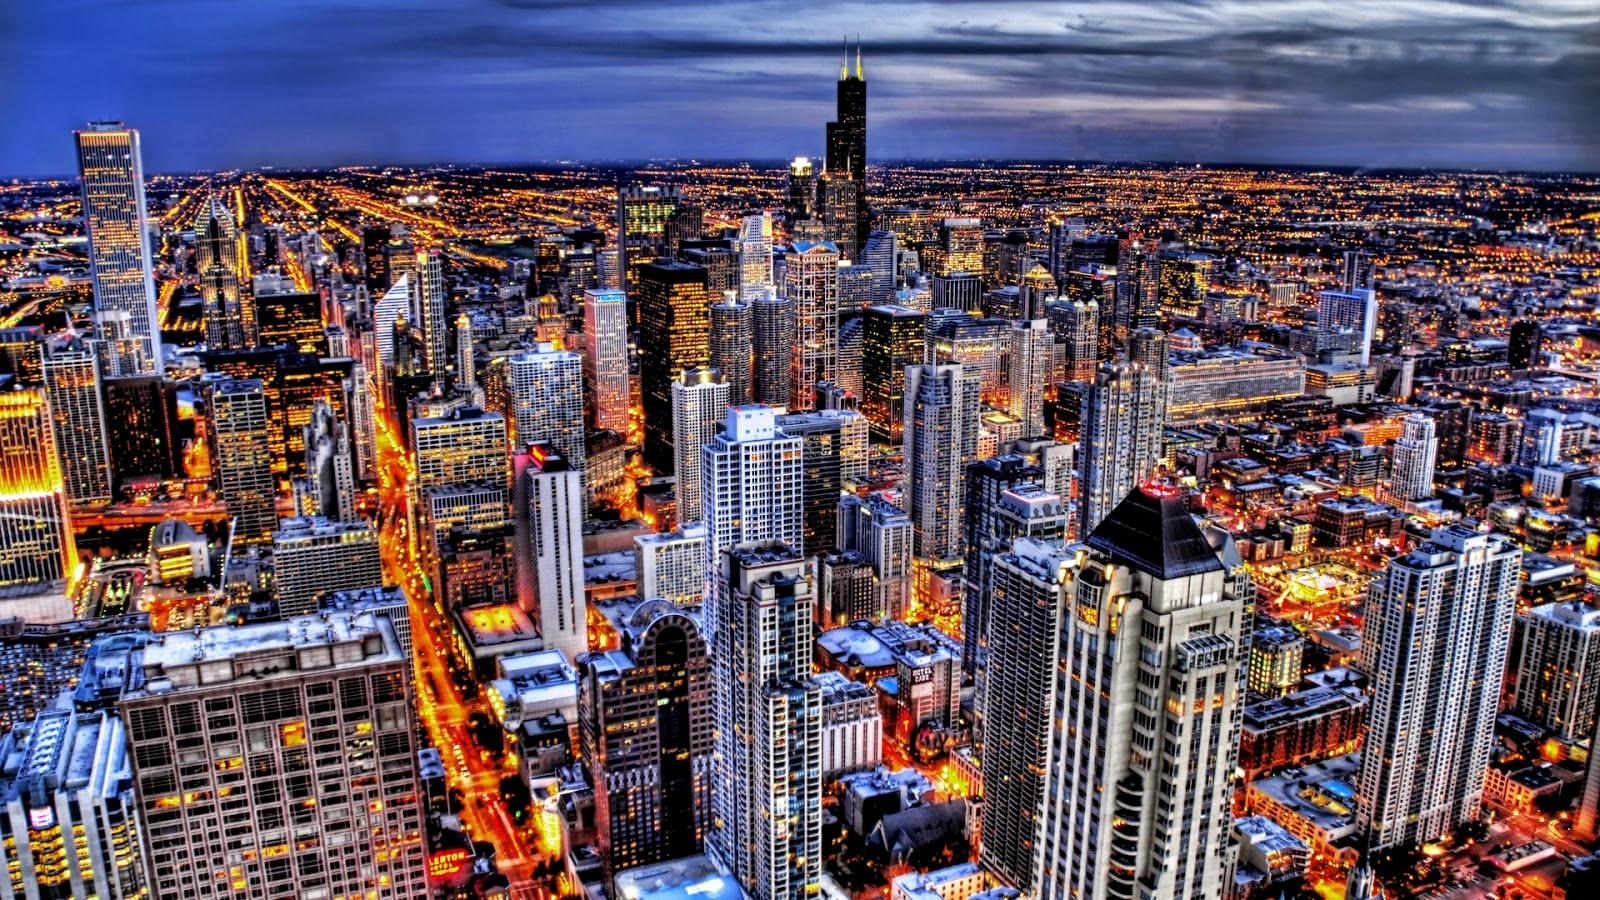 Hd city wallpapers 1080p wallpapersafari - Wallpaper 1080p new york ...